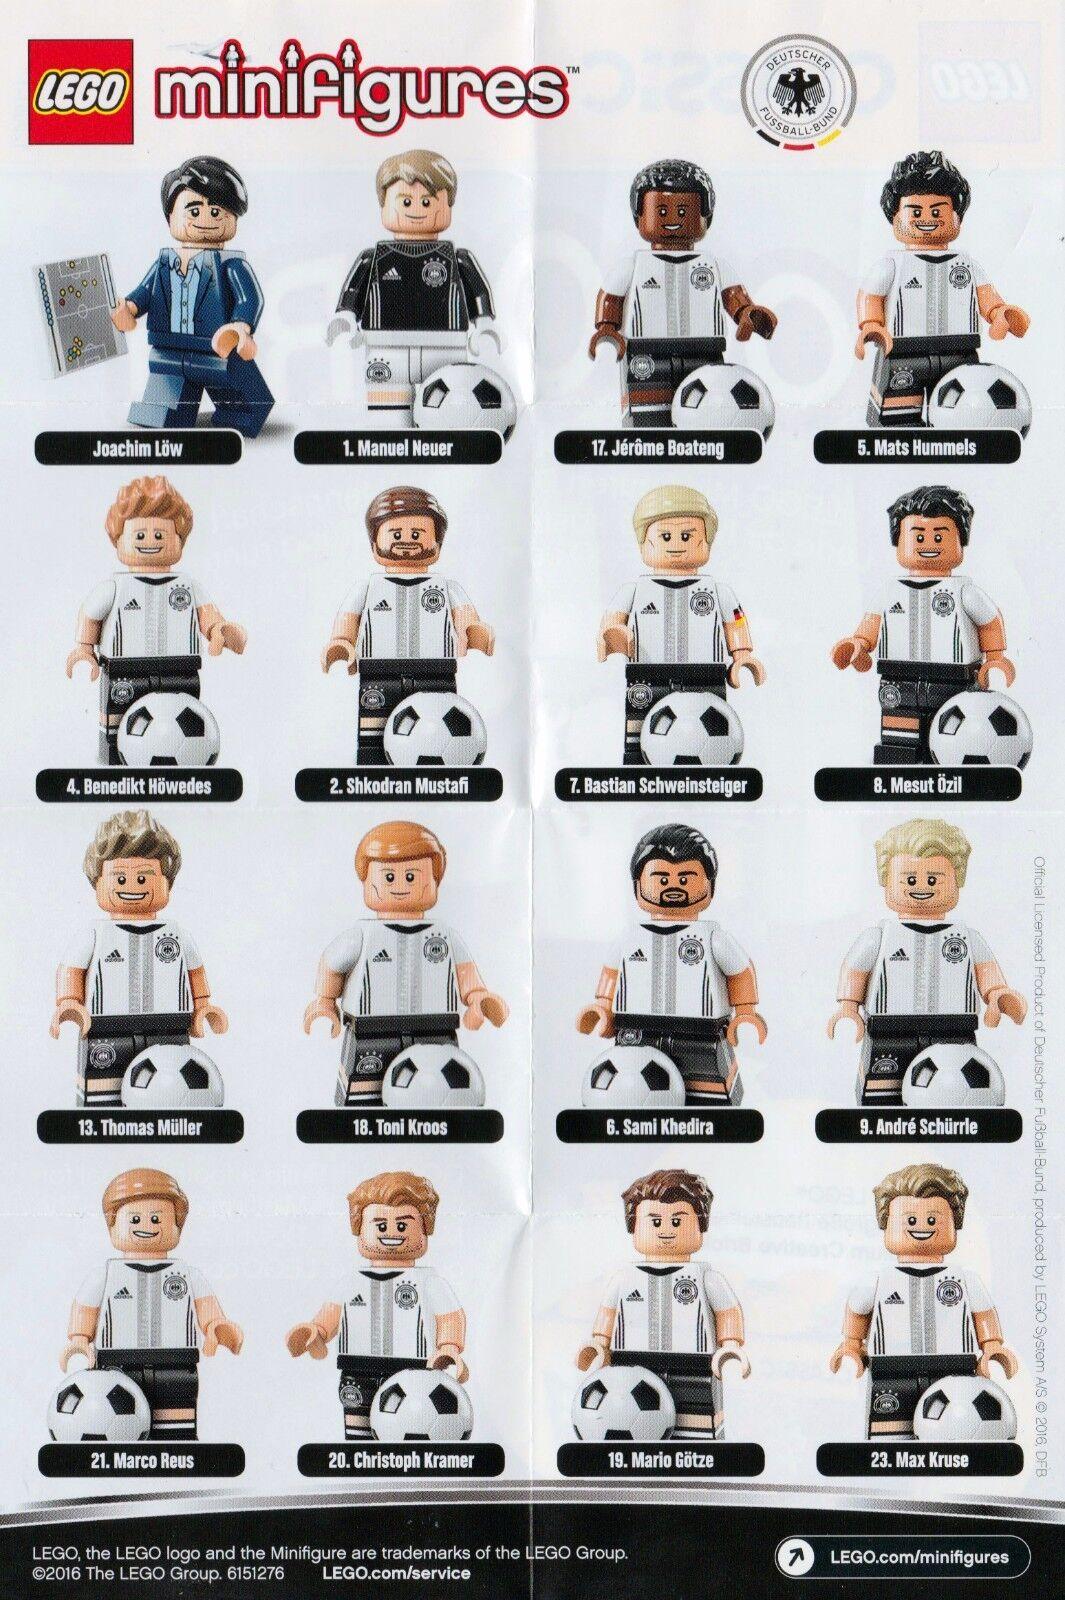 LEGO® MINIFIGUREN MINIFIGUREN MINIFIGUREN  71014 DfB DIE MANNSCHAFT - Alle 16 Figuren Komplett Neu Top 5ebbf5